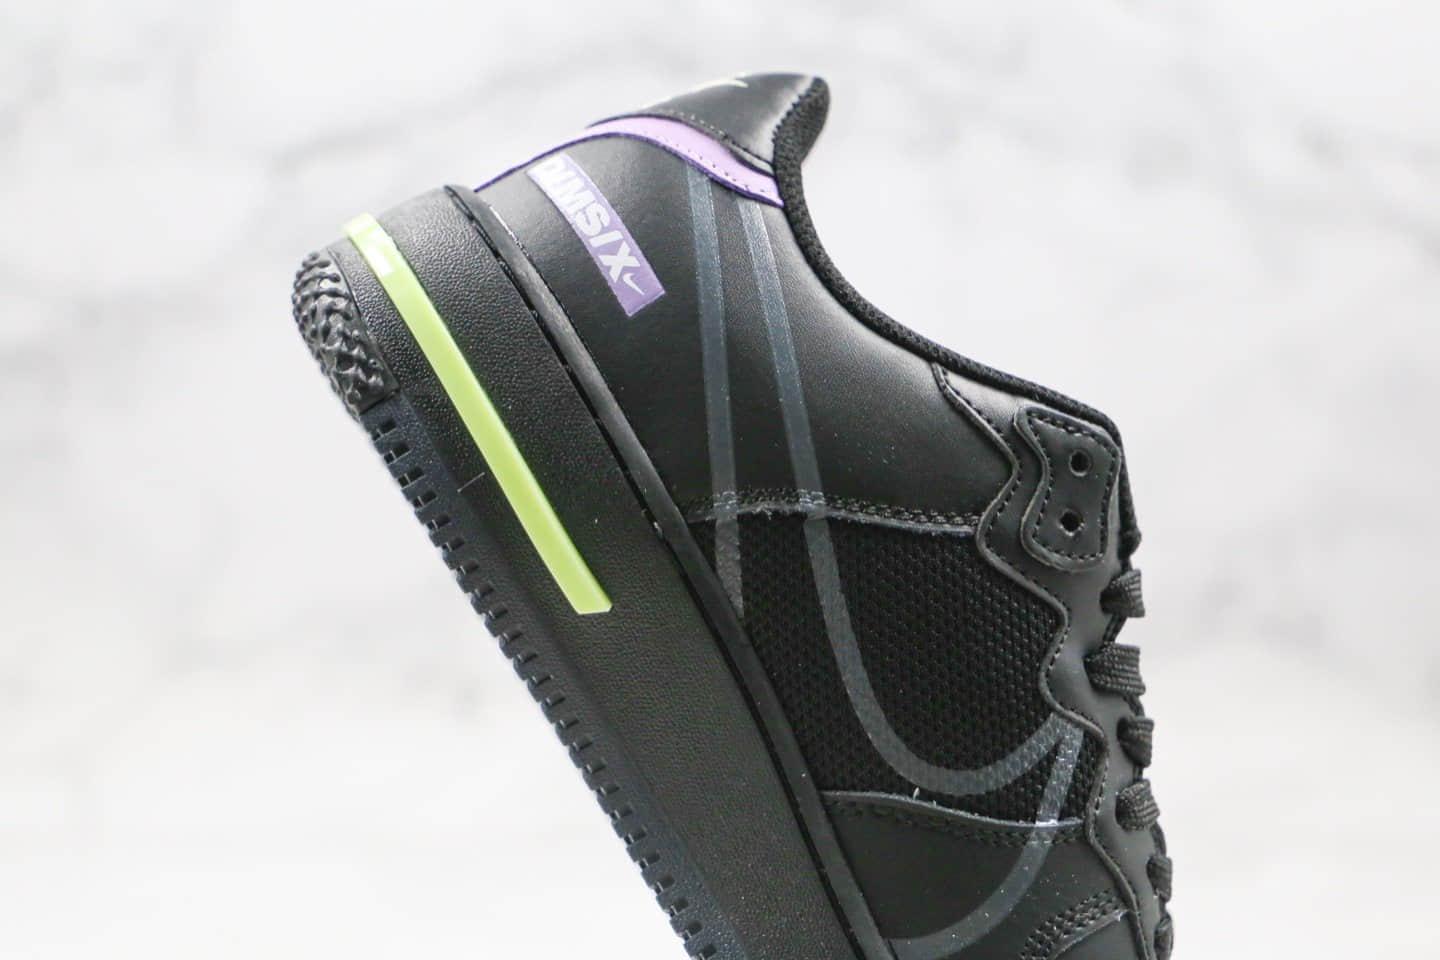 耐克Nike AIR FORCE 1 REACT WHITE D MS X纯原版本低帮空军一号涂鸦波纹黑蓝绿色内置气垫正确鞋面卡色 货号:CD4366-001